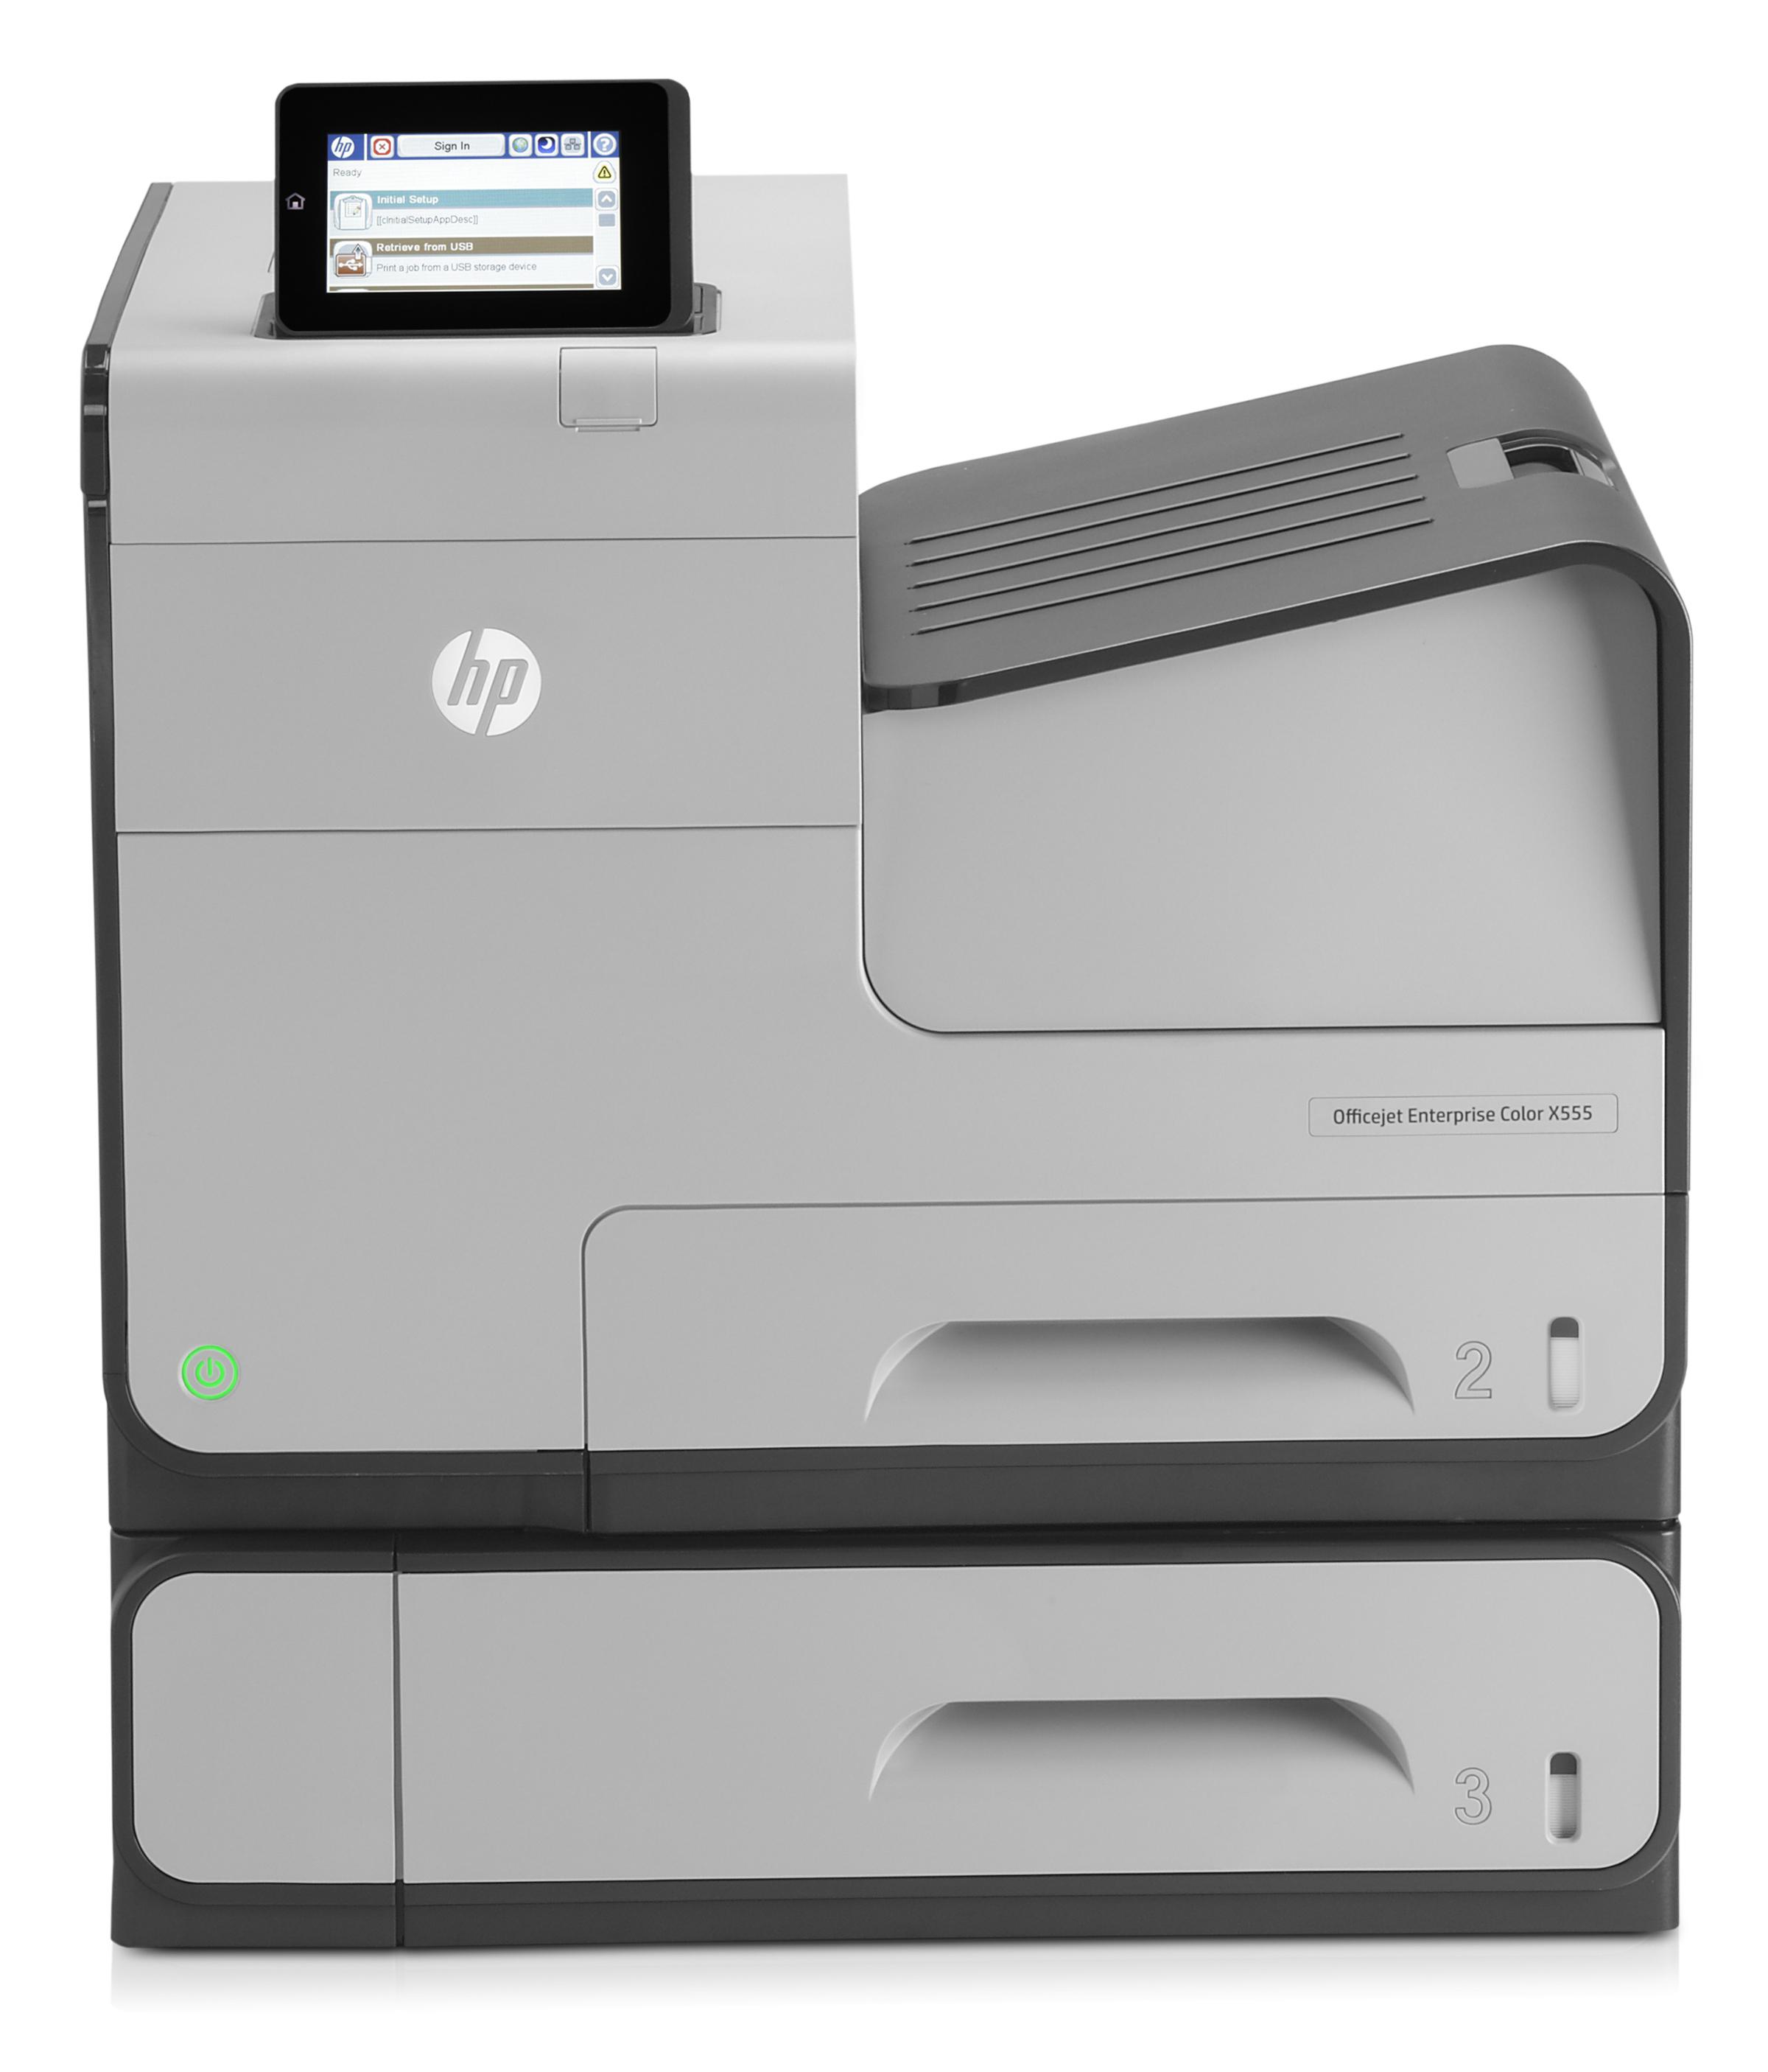 скачать драйвера для принтера laserjet м1132 mfp